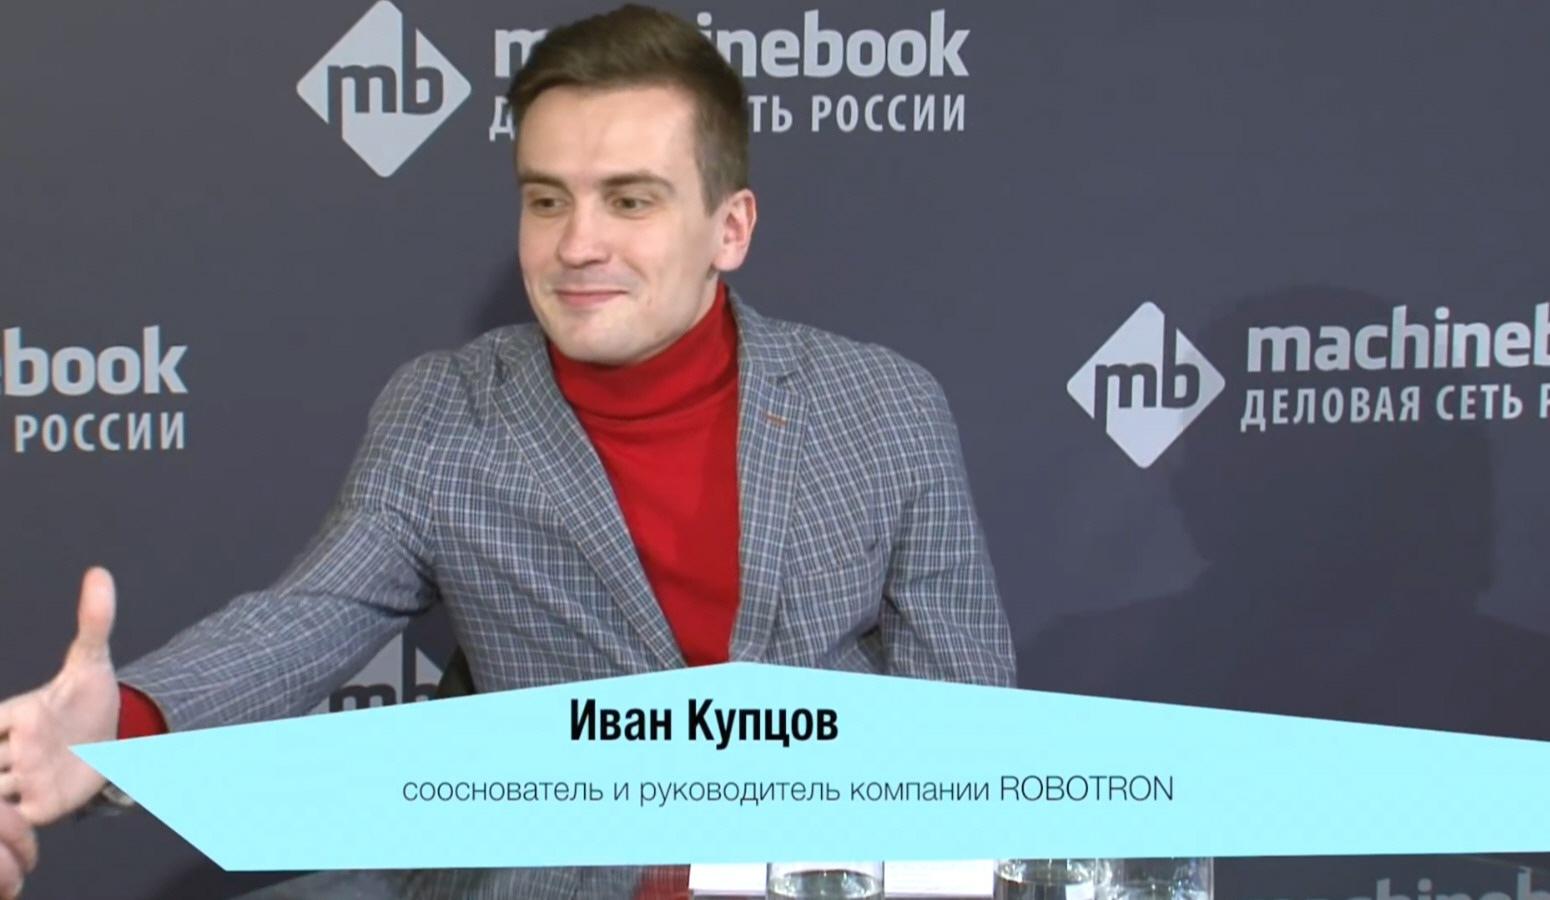 Иван Купцов - сооснователь и руководитель компании Robotron